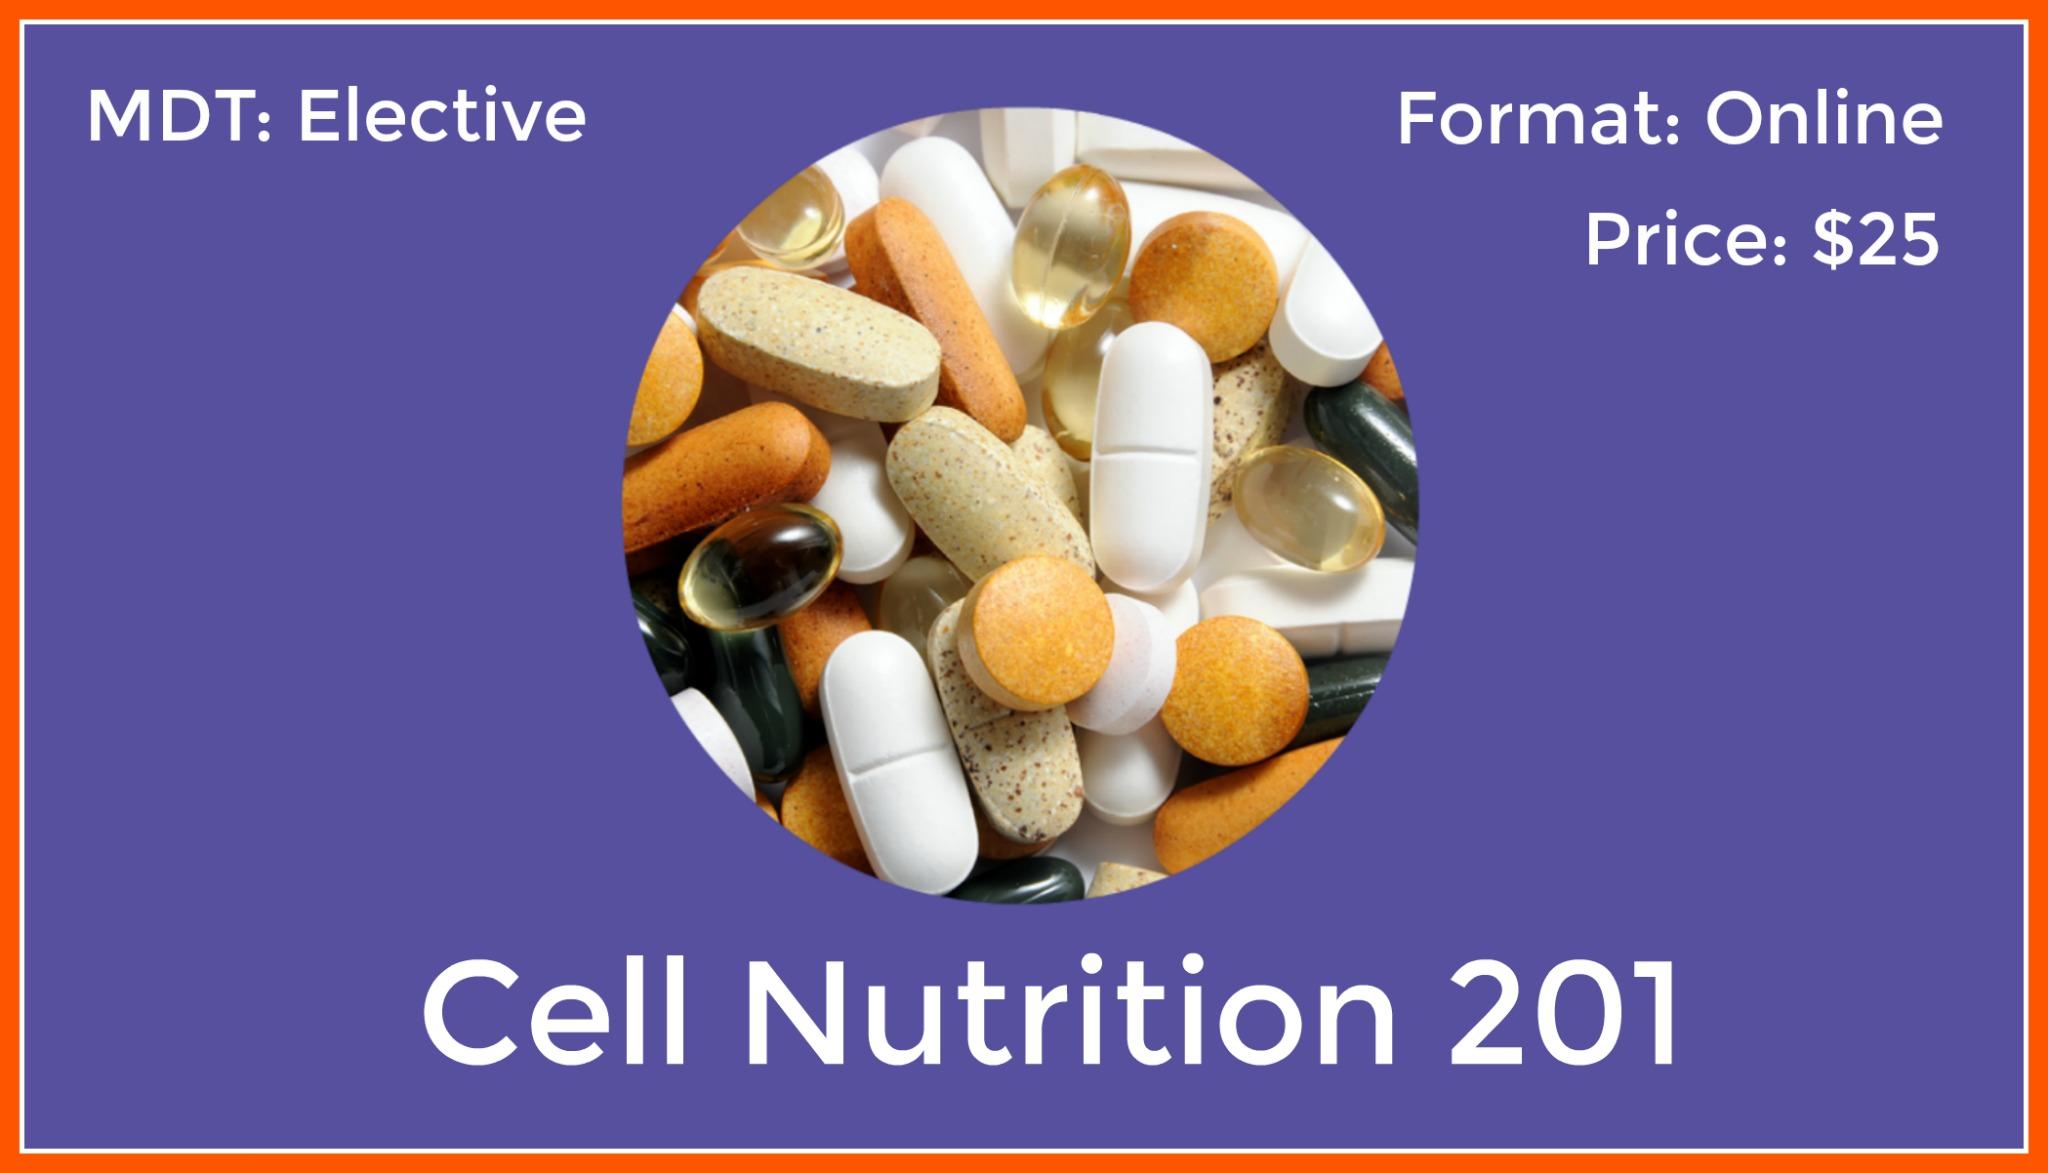 NUT-201: Cellular Nutrition